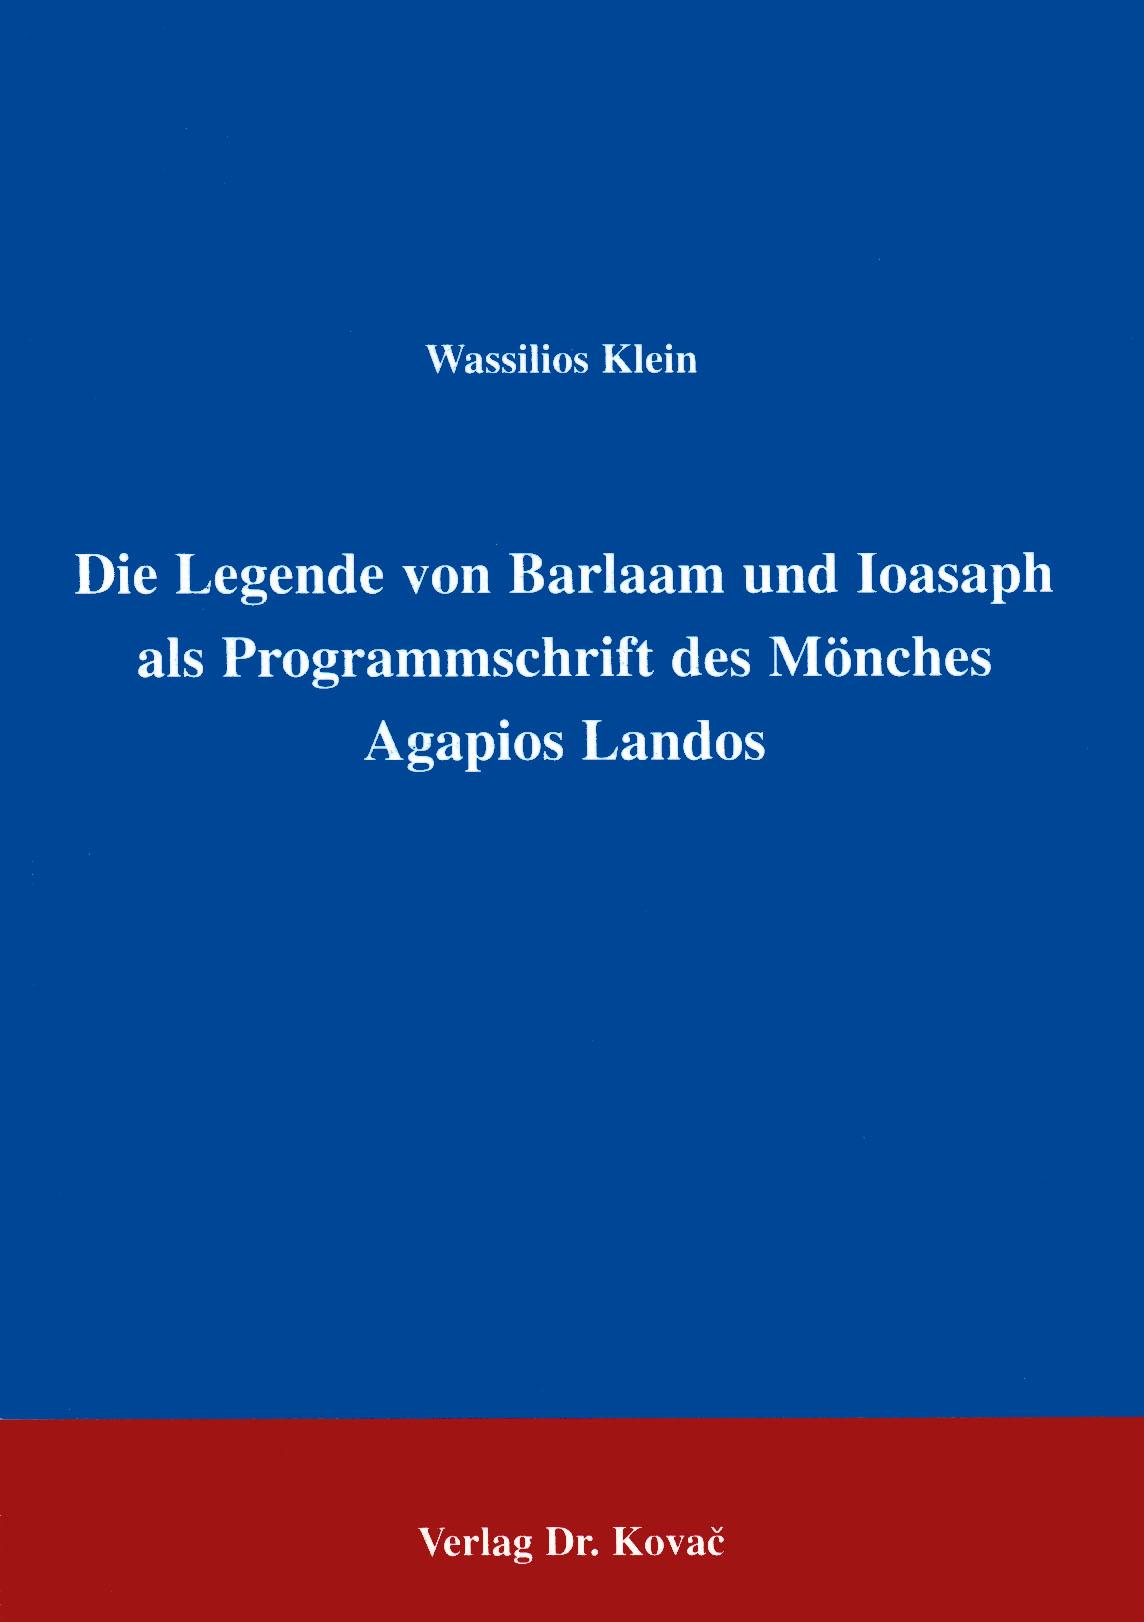 Cover: Die Legende von Barlaam und Ioasaph als Programmschrift des Mönches Agapios Landos